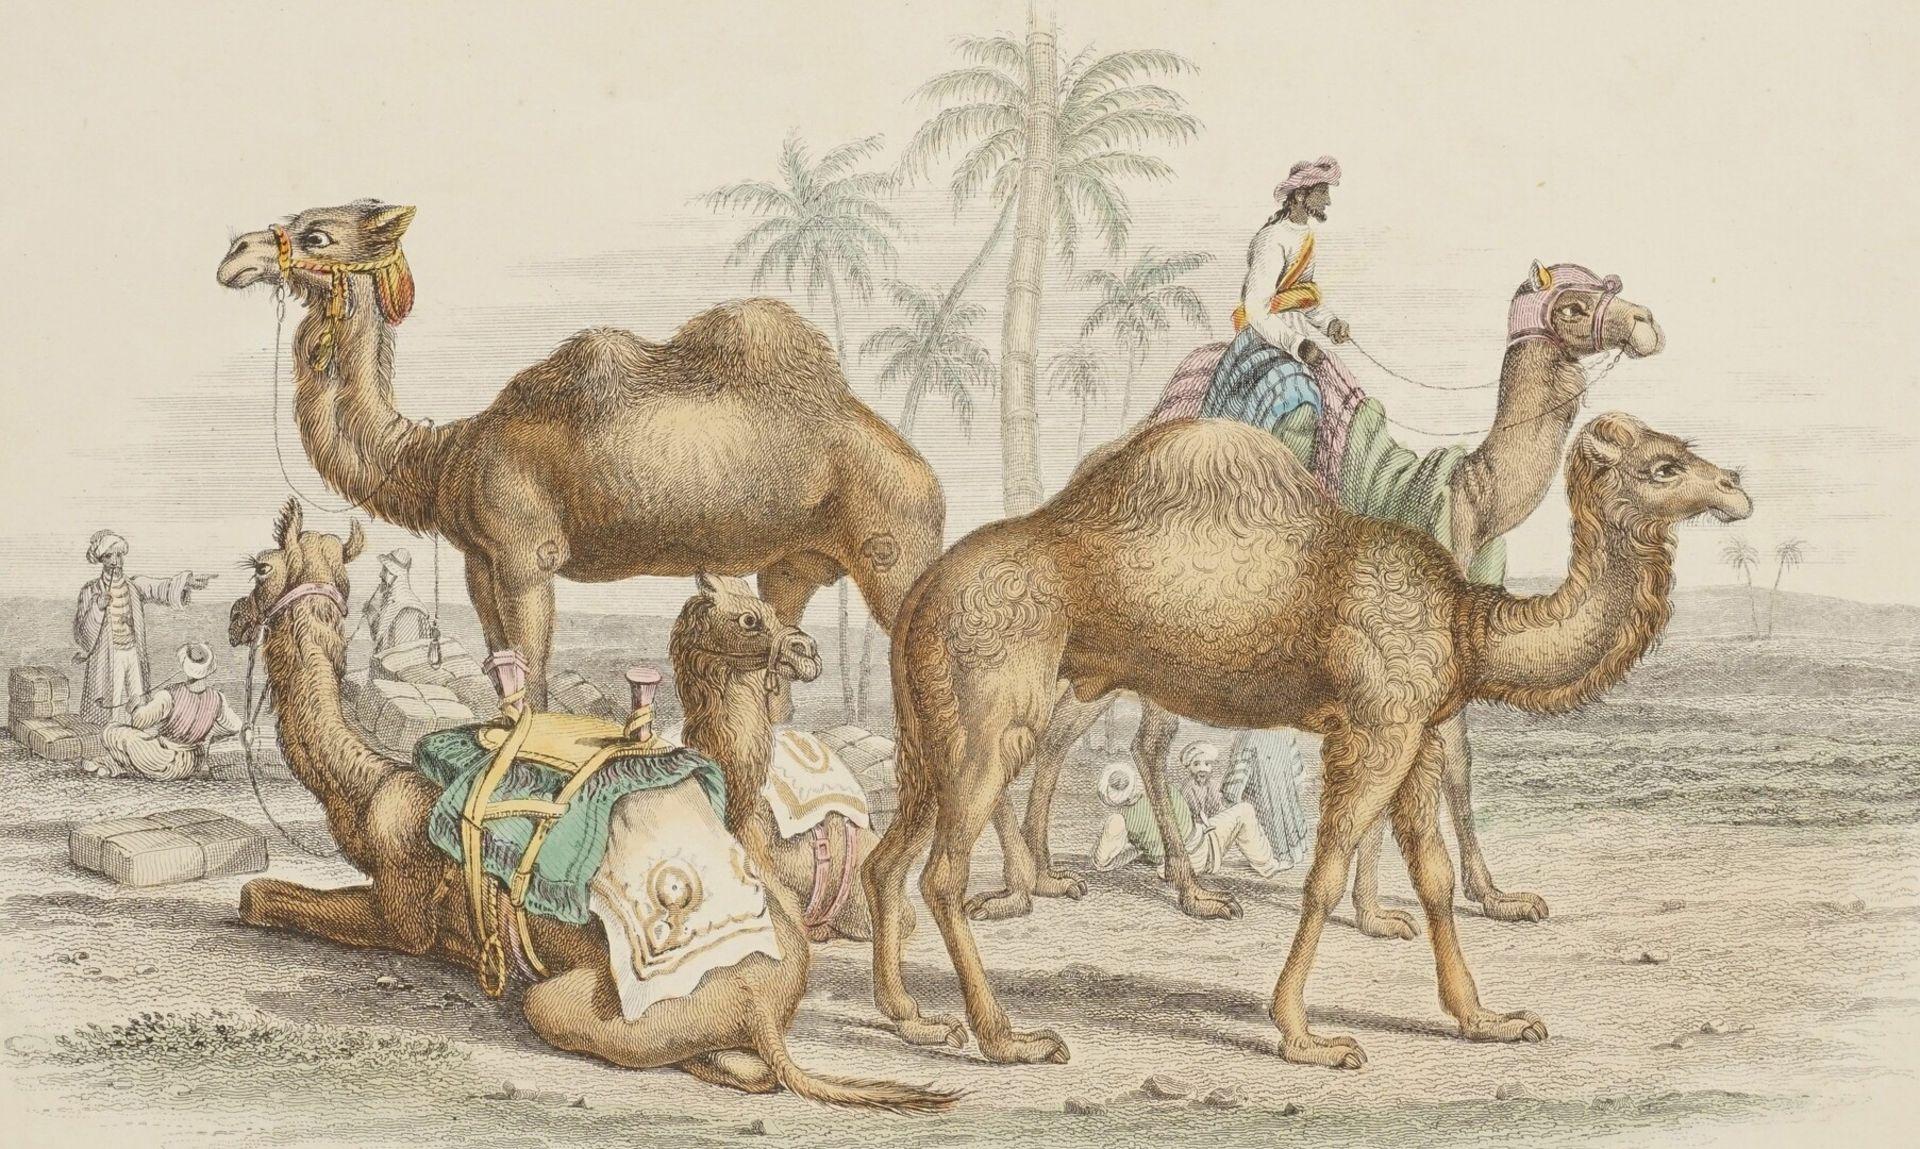 Naturkundliches Blatt zu Kamelen